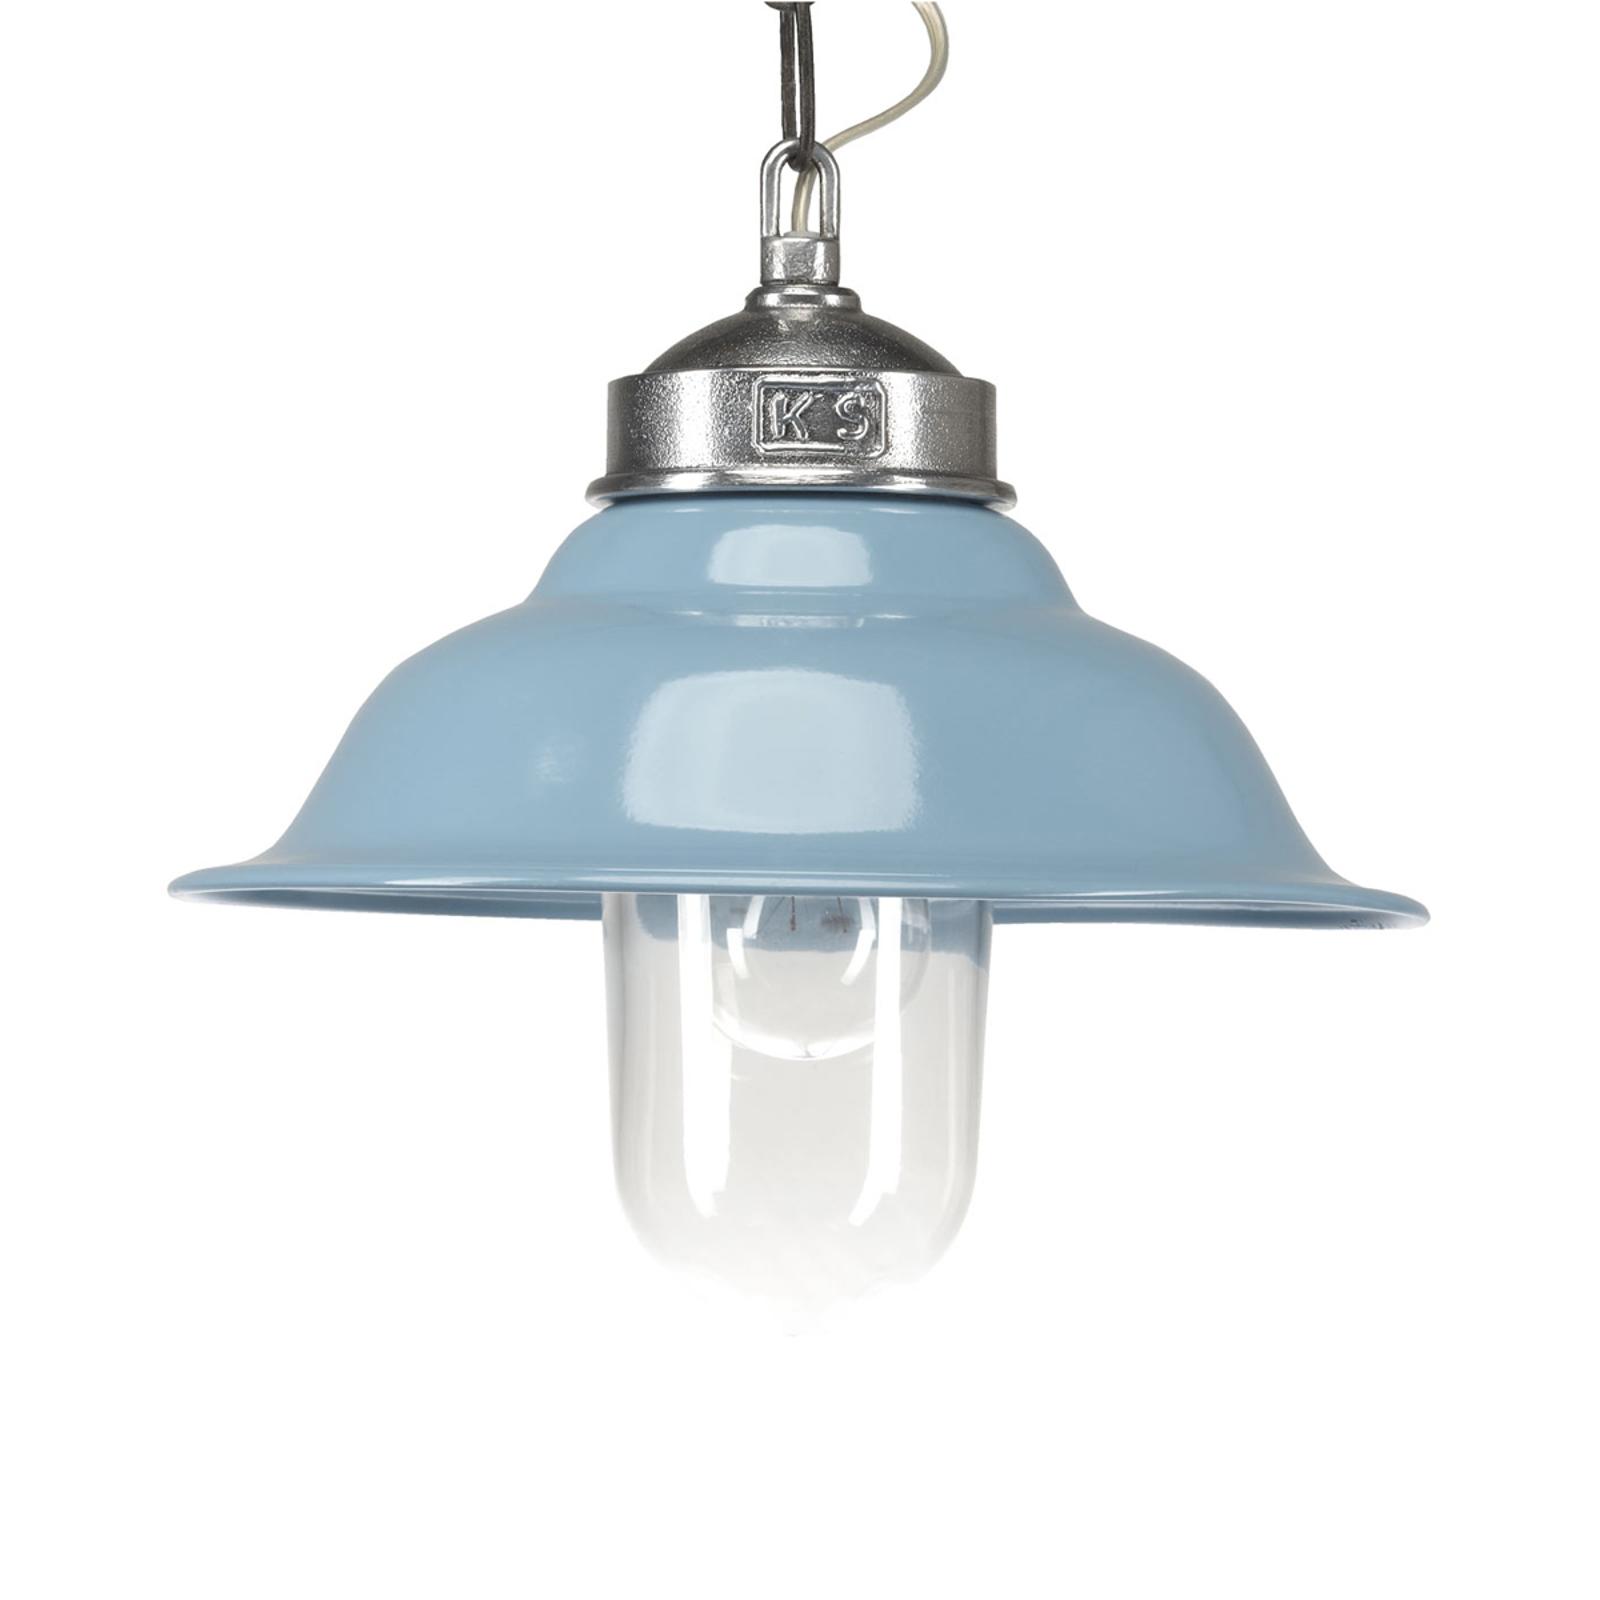 Lampada sospensione vintage Porto Fino, blu